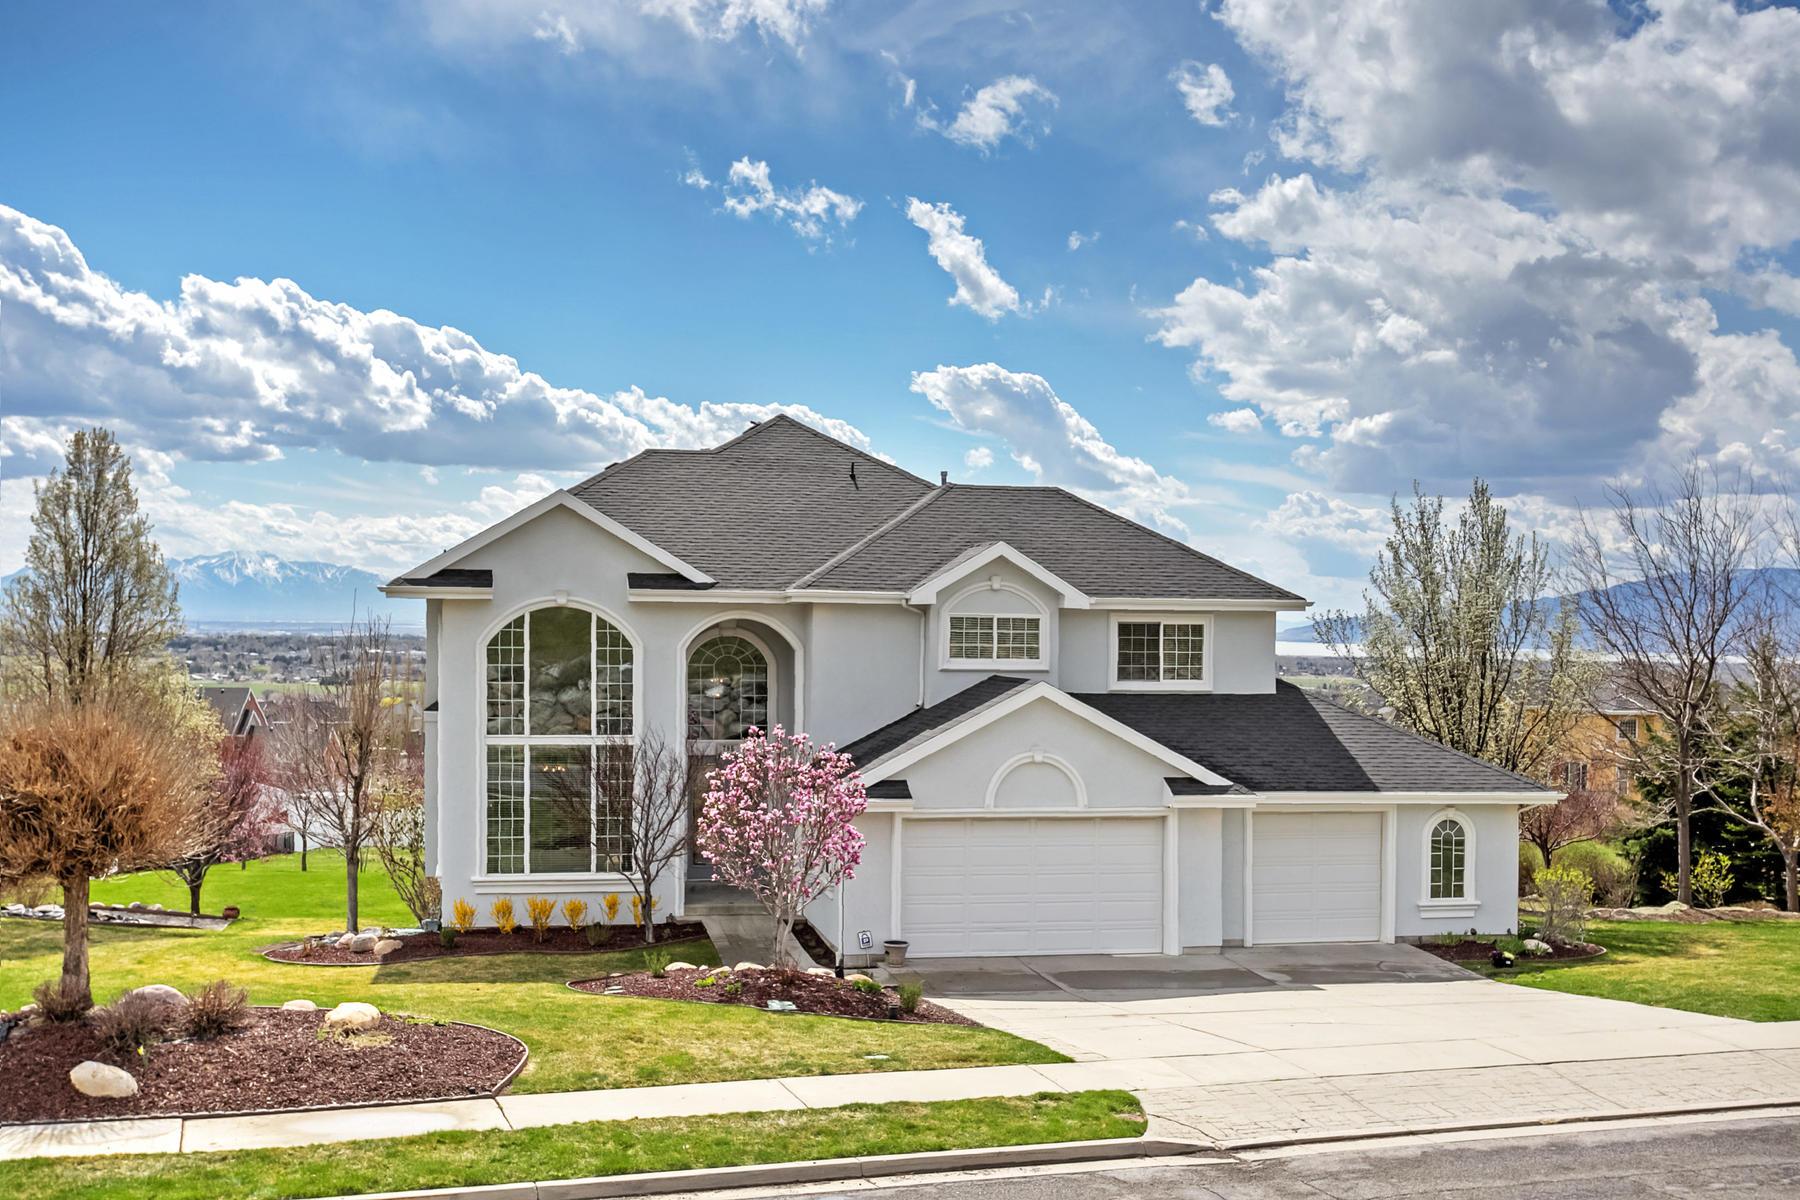 Tek Ailelik Ev için Satış at Executive Home In Park Like Setting 795 West 600 North Alpine, Utah, 84004 Amerika Birleşik Devletleri